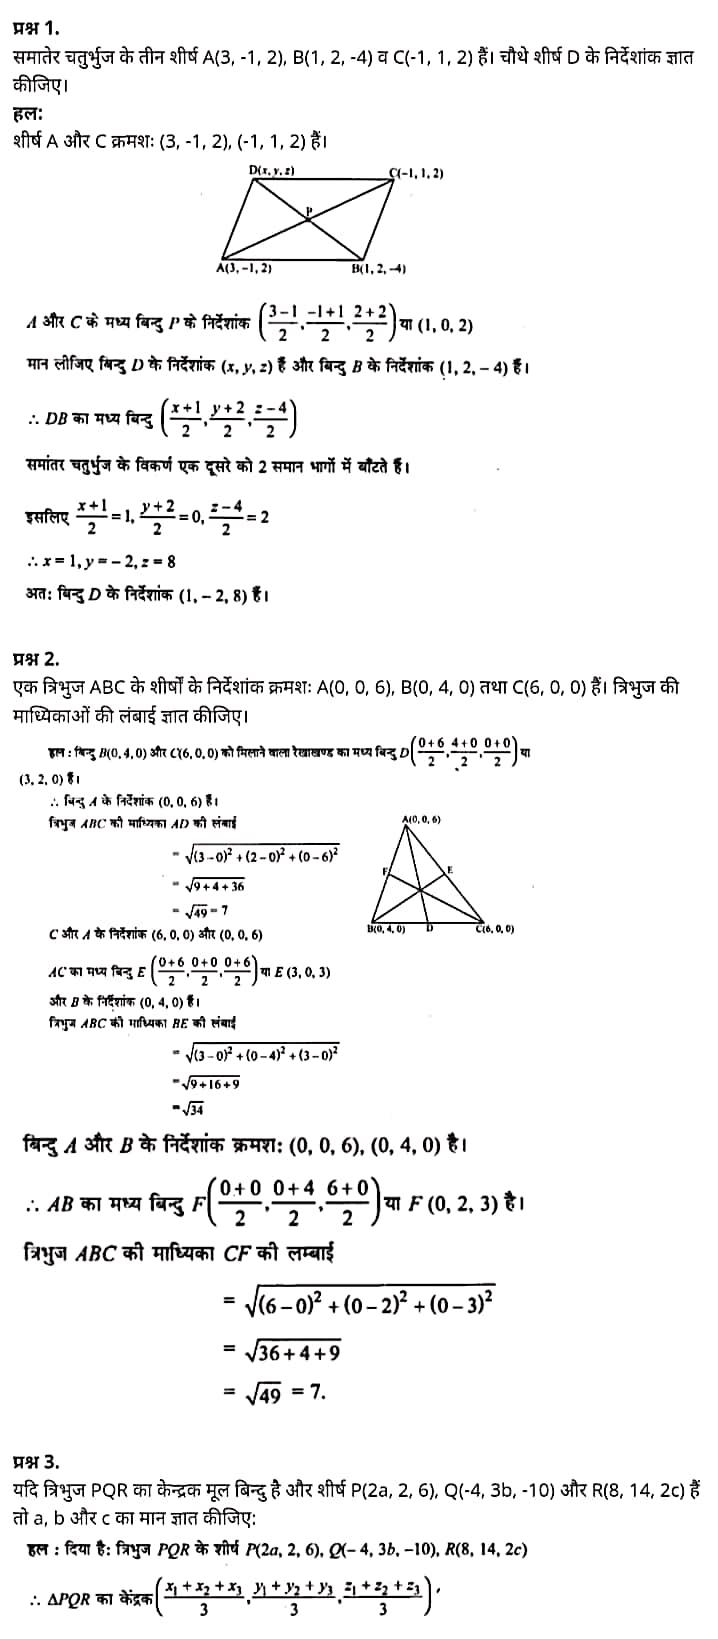 Introduction to Three Dimensional Geometry,   introduction to three dimensional geometry class 11 ppt,  introduction to three dimensional geometry pdf,  introduction to three dimensional geometry class 11 notes,  3d geometry class 11 questions,  3d geometry class 11 formulas,  3d geometry class 12, ex 12.2 class 11 maths ncert,  ncert solutions for class 11 maths chapter 13,  त्रिविमीय ज्यामिति का परिचय,  त्रिविमीय ज्यामिति का परिचय कक्षा 11, त्रिविमीय क्या है,  त्रिविमीय का अर्थ,  त्रिविमीय की परिभाषा,  ज्यामिति का अर्थ,  त्रिविमीय आकृतियां,  त्रिविमीय का अर्थ हिंदी में,  त्रिविमीय ज्यामिति के सूत्र,   Class 11 matha Chapter 12,  class 11 matha chapter 12, ncert solutions in hindi,  class 11 matha chapter 12, notes in hindi,  class 11 matha chapter 12, question answer,  class 11 matha chapter 12, notes,  11 class matha chapter 12, in hindi,  class 11 matha chapter 12, in hindi,  class 11 matha chapter 12, important questions in hindi,  class 11 matha notes in hindi,   matha class 11 notes pdf,  matha Class 11 Notes 2021 NCERT,  matha Class 11 PDF,  matha book,  matha Quiz Class 11,  11th matha book up board,  up Board 11th matha Notes,  कक्षा 11 मैथ्स अध्याय 12,  कक्षा 11 मैथ्स का अध्याय 12, ncert solution in hindi,  कक्षा 11 मैथ्स के अध्याय 12, के नोट्स हिंदी में,  कक्षा 11 का मैथ्स अध्याय 12, का प्रश्न उत्तर,  कक्षा 11 मैथ्स अध्याय 12, के नोट्स,  11 कक्षा मैथ्स अध्याय 12, हिंदी में,  कक्षा 11 मैथ्स अध्याय 12, हिंदी में,  कक्षा 11 मैथ्स अध्याय 12, महत्वपूर्ण प्रश्न हिंदी में,  कक्षा 11 के मैथ्स के नोट्स हिंदी में,  मैथ्स कक्षा 11 नोट्स pdf,  मैथ्स कक्षा 11 नोट्स 2021 NCERT,  मैथ्स कक्षा 11 PDF,  मैथ्स पुस्तक,  मैथ्स की बुक,  मैथ्स प्रश्नोत्तरी Class 11, 11 वीं मैथ्स पुस्तक up board,  बिहार बोर्ड 11 वीं मैथ्स नोट्स,   कक्षा 11 गणित अध्याय 12,  कक्षा 11 गणित का अध्याय 12, ncert solution in hindi,  कक्षा 11 गणित के अध्याय 12, के नोट्स हिंदी में,  कक्षा 11 का गणित अध्याय 12, का प्रश्न उत्तर,  कक्षा 11 गणित अध्याय 12, के नोट्स,  11 कक्षा गणित अध्याय 12, हिंदी में,  कक्